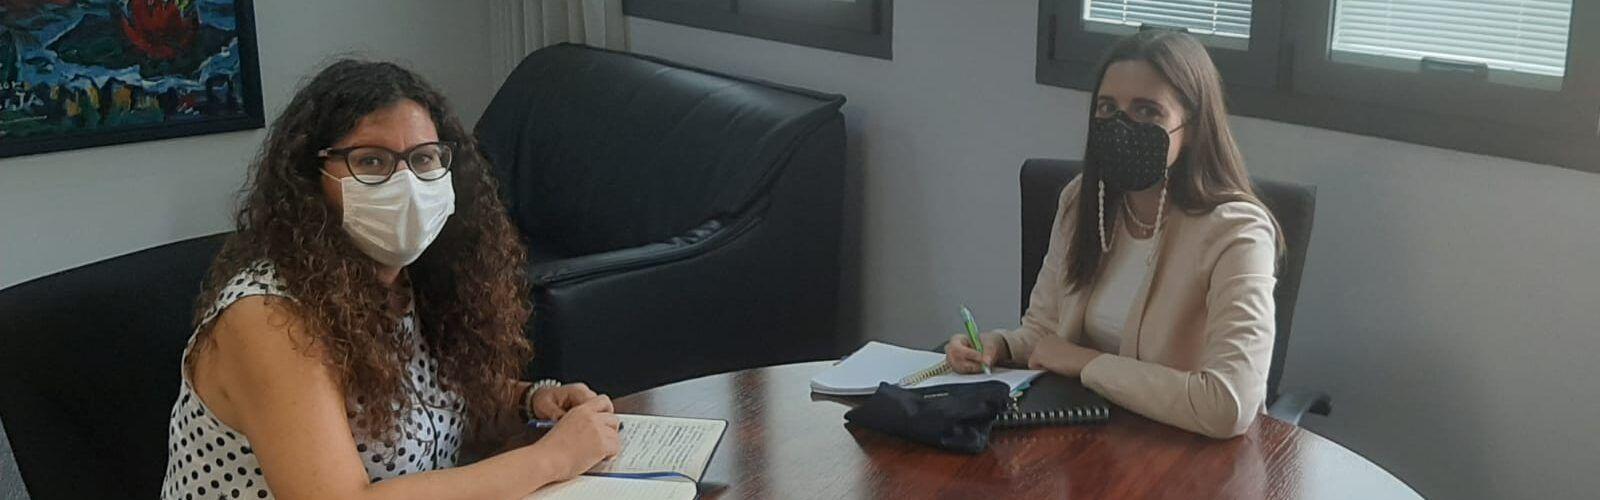 La Diputació concedeix 11 ajudes per a la realització d'activitats juvenils a la província